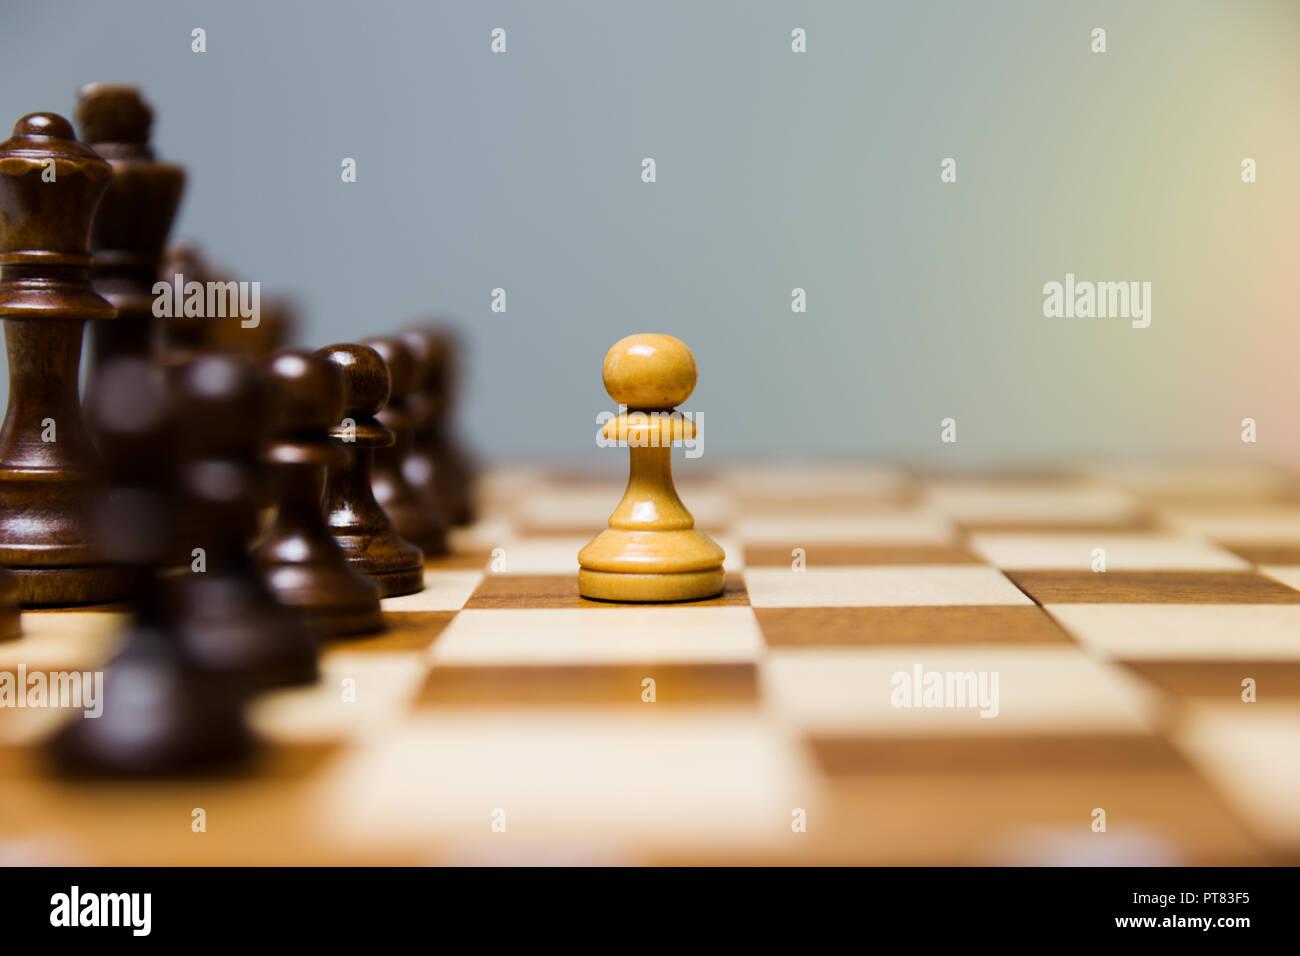 Bauer stand vor der dunklen Schachfiguren ausgerichtet. Mut und Leadership Konzept. Stockbild